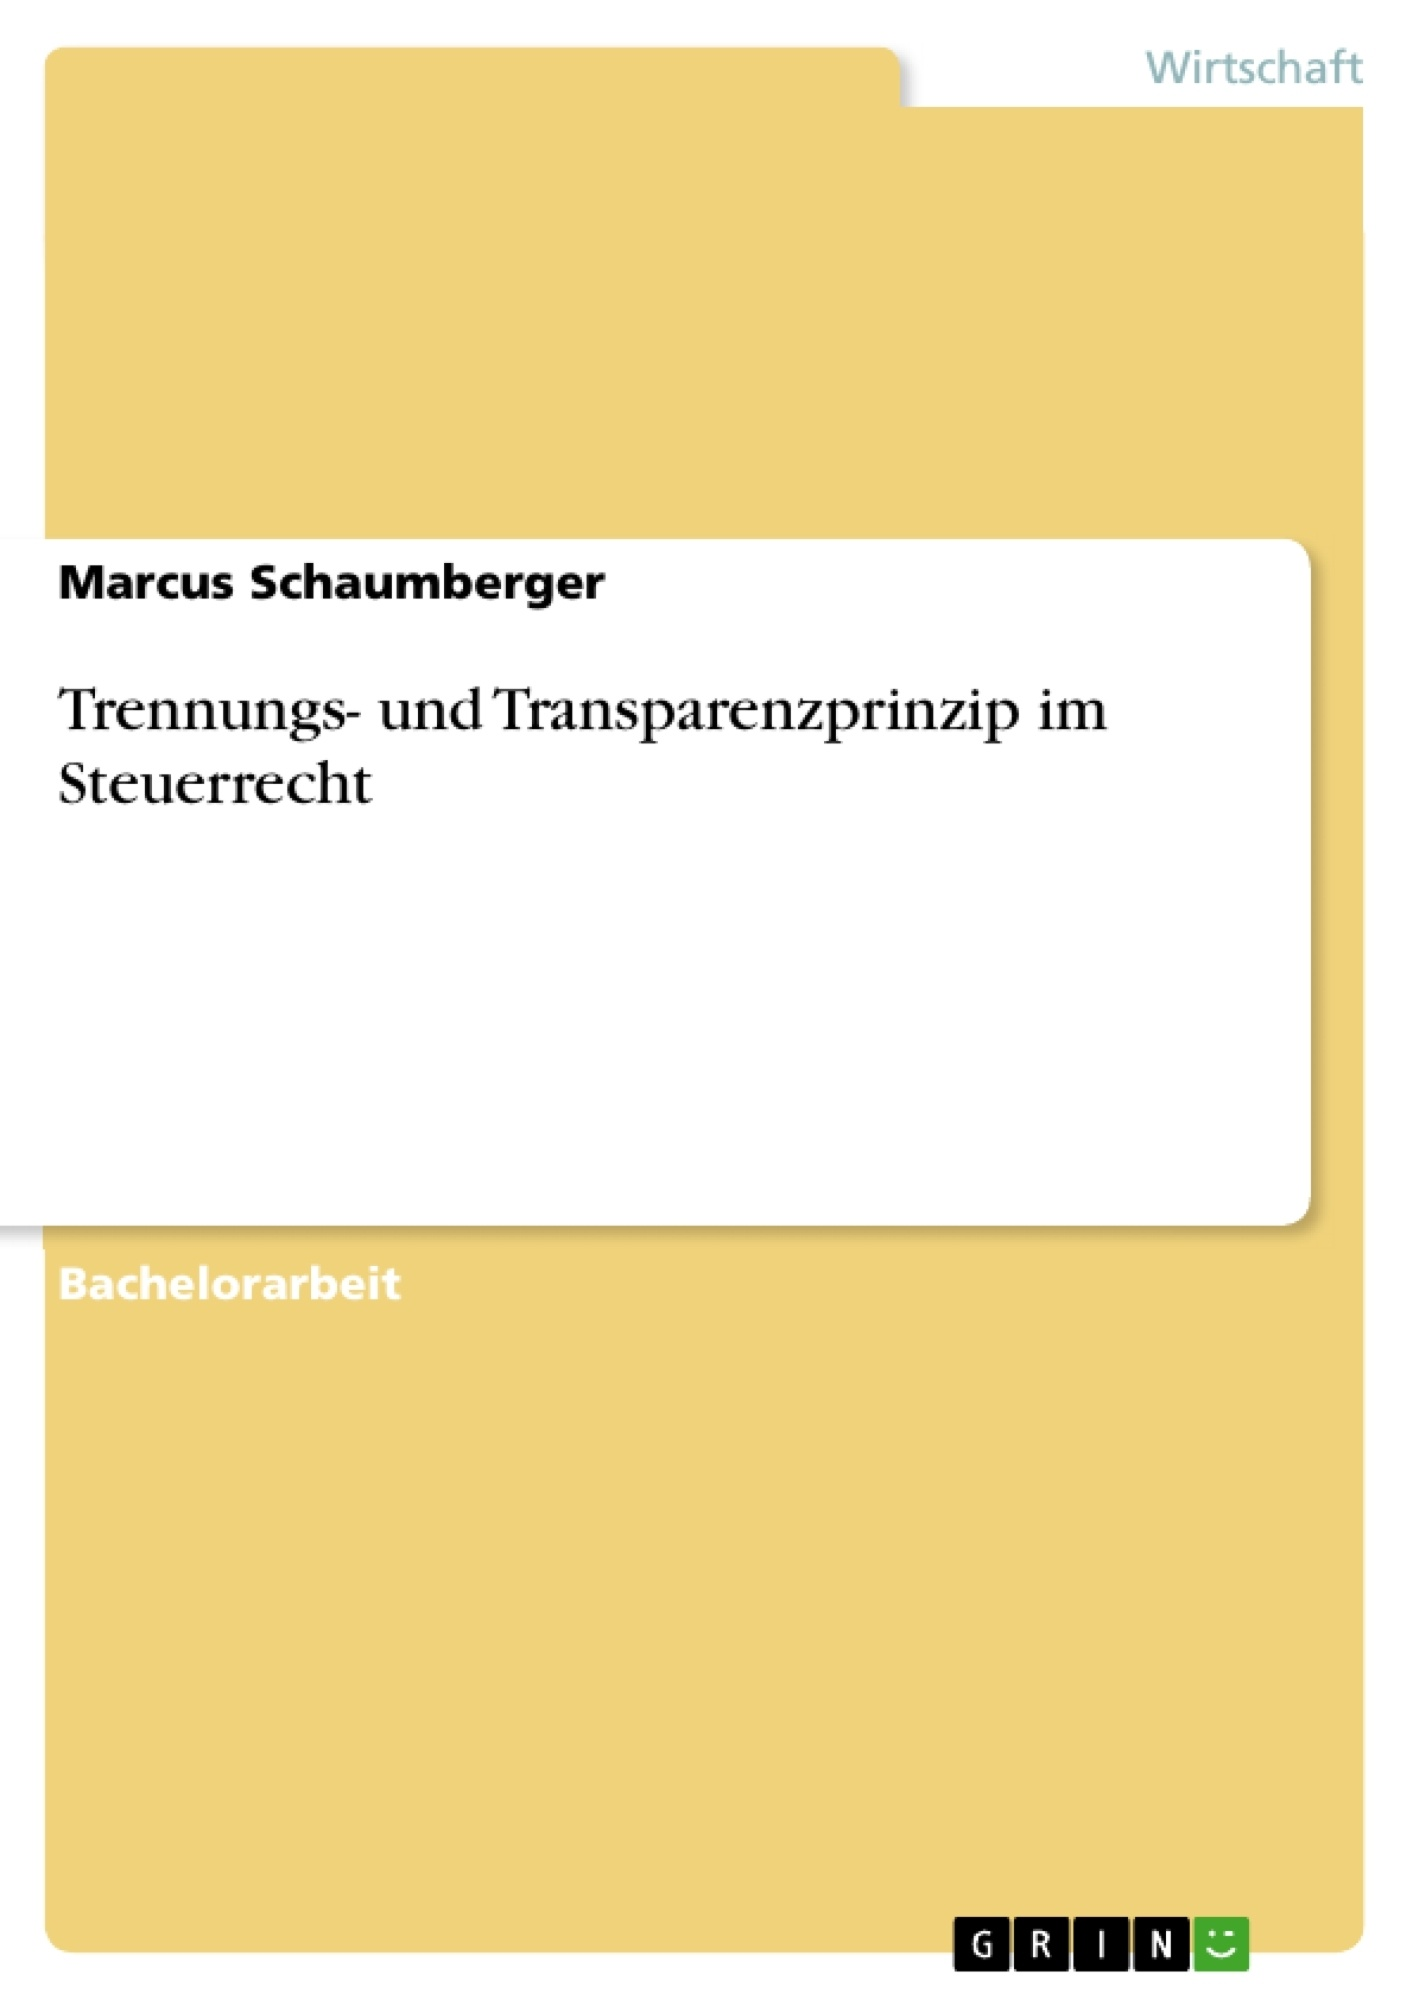 Titel: Trennungs- und Transparenzprinzip im Steuerrecht